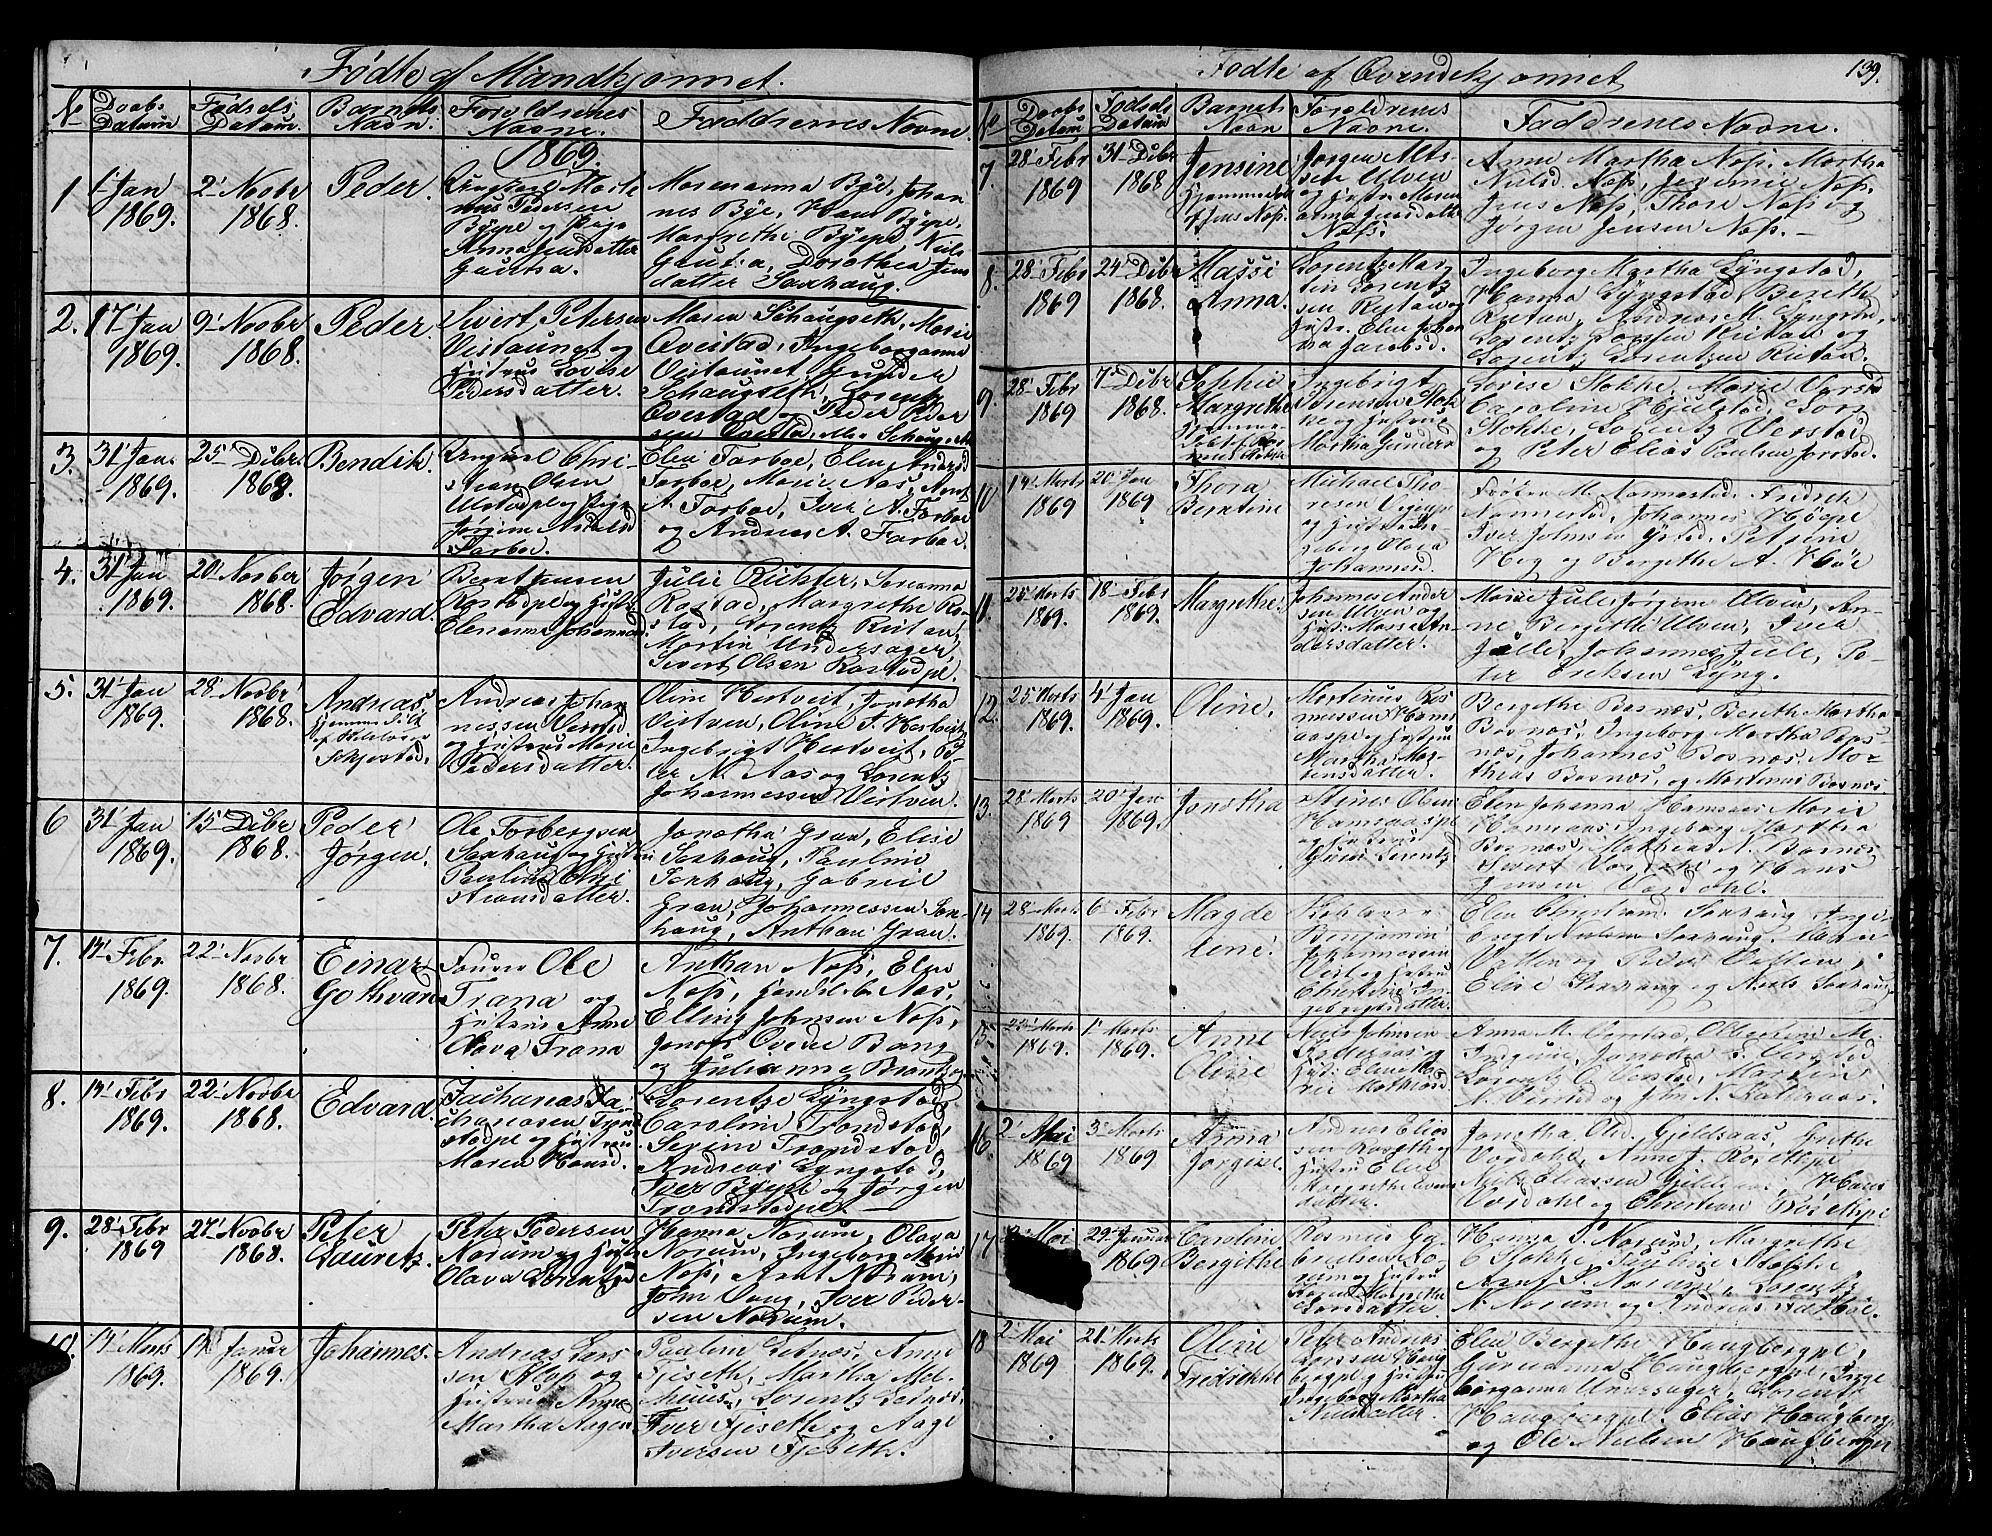 SAT, Ministerialprotokoller, klokkerbøker og fødselsregistre - Nord-Trøndelag, 730/L0299: Klokkerbok nr. 730C02, 1849-1871, s. 139